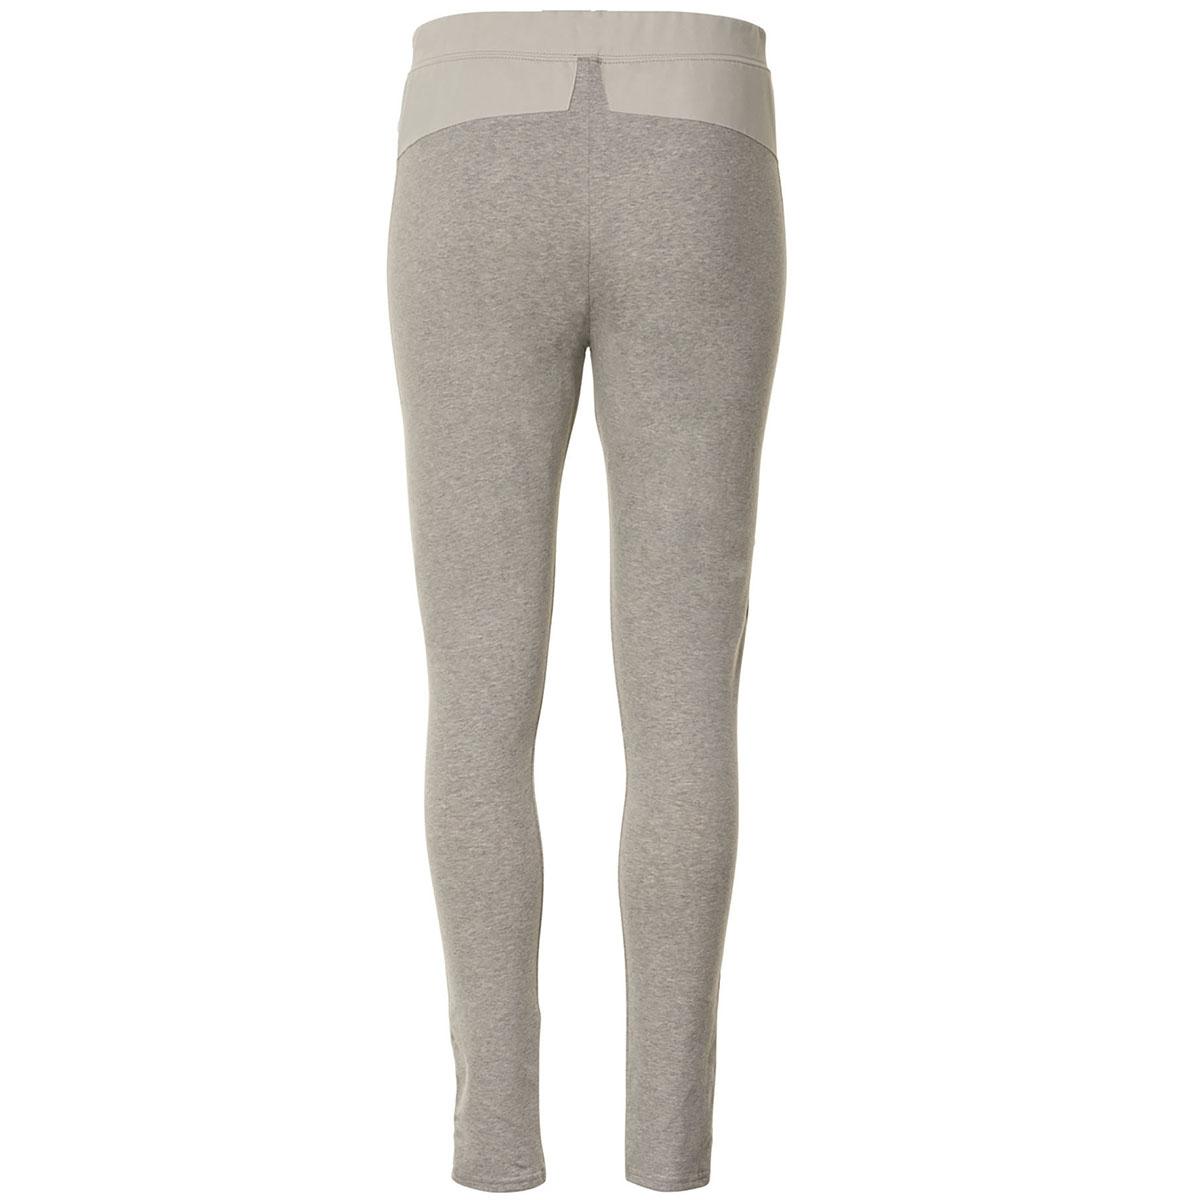 yoga leggings  20 021 8103 10 days legging light grey melee